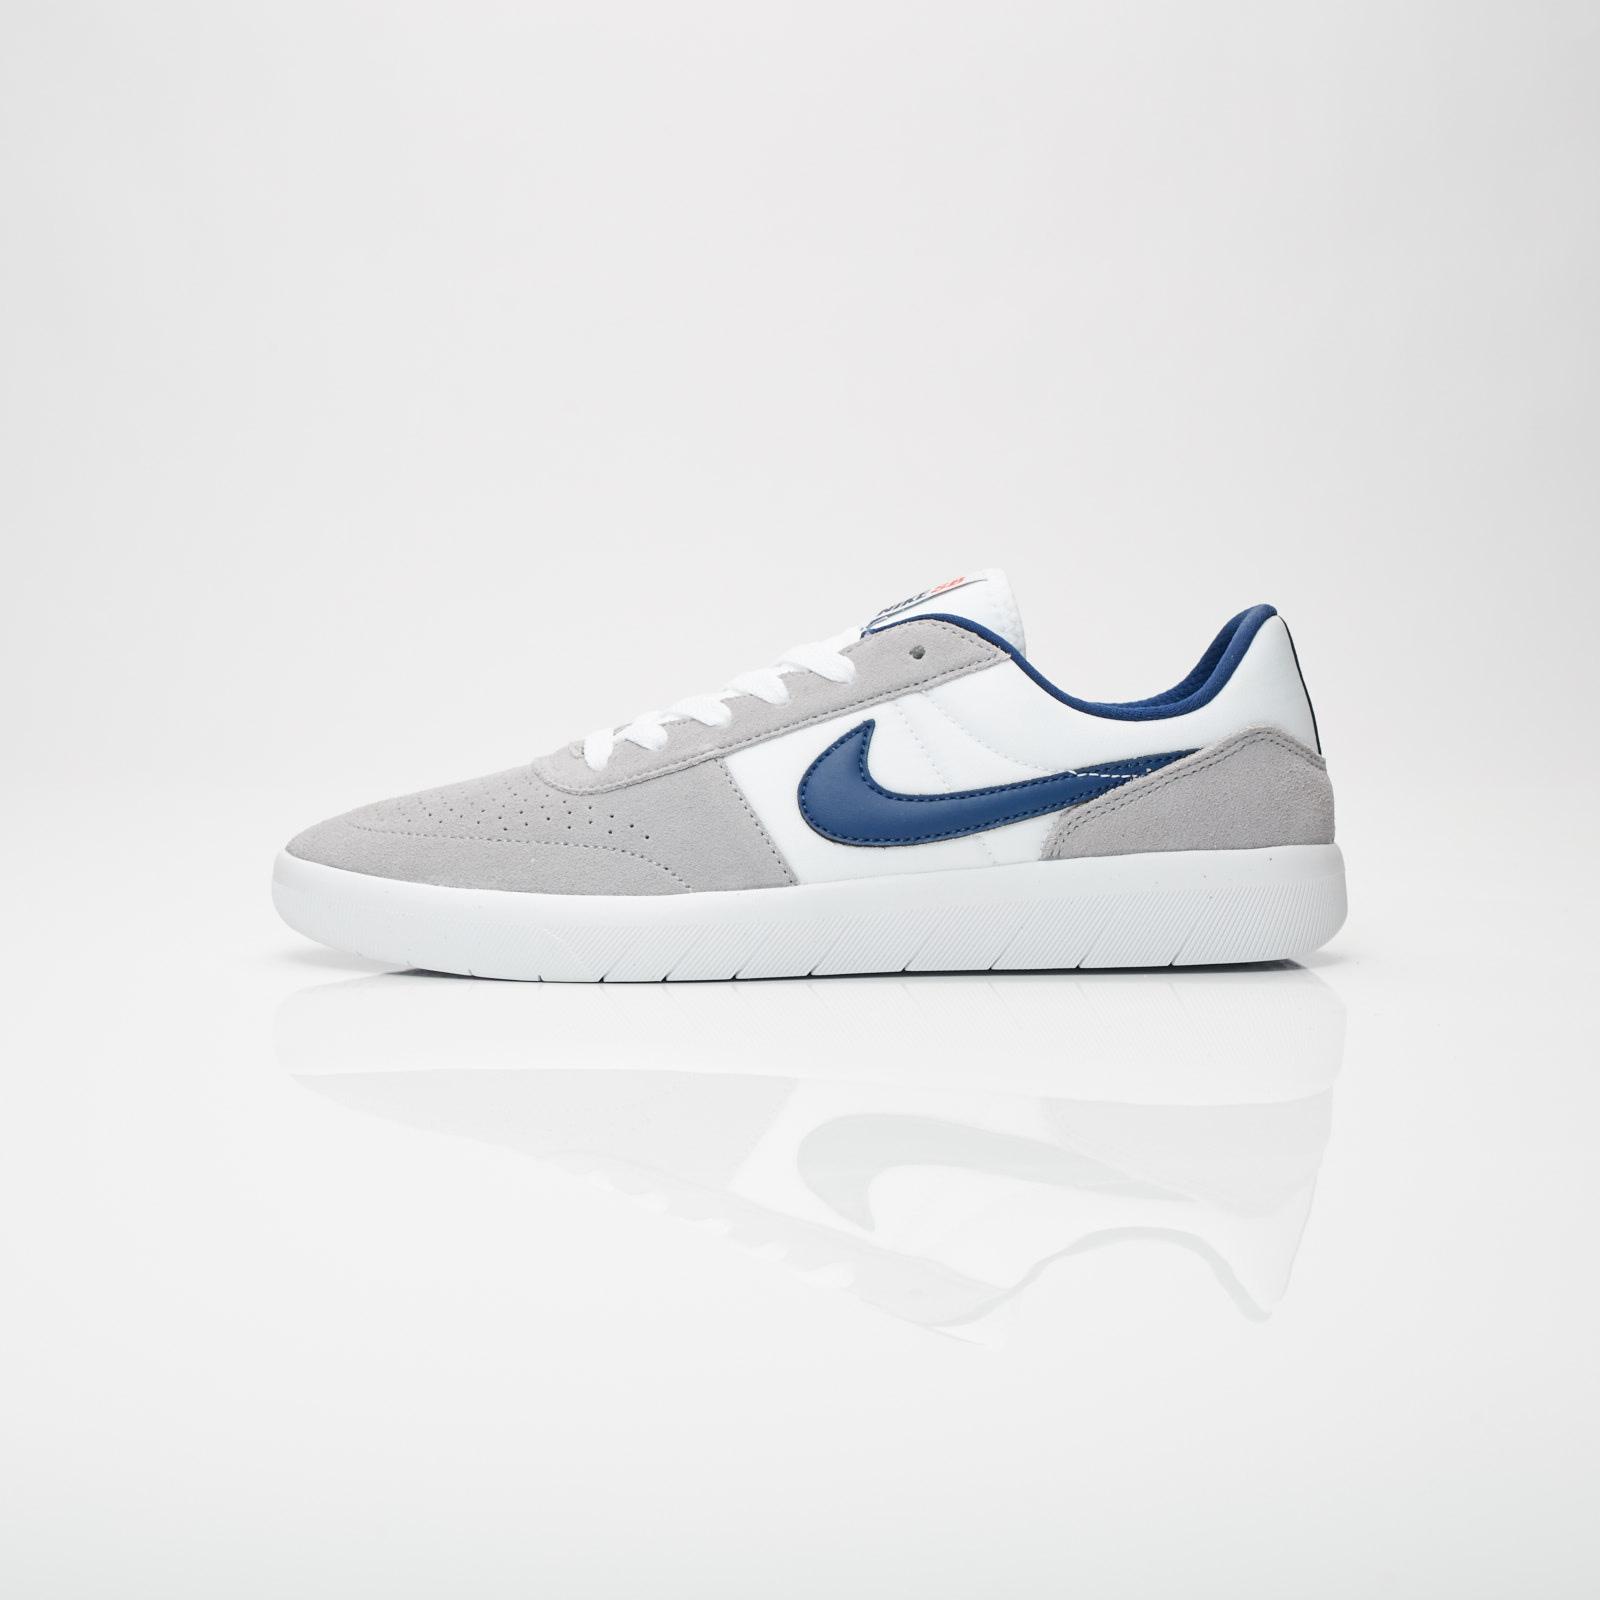 49a861b263848 Nike Team Classic - Ah3360-002 - Sneakersnstuff | sneakers & streetwear  online since 1999